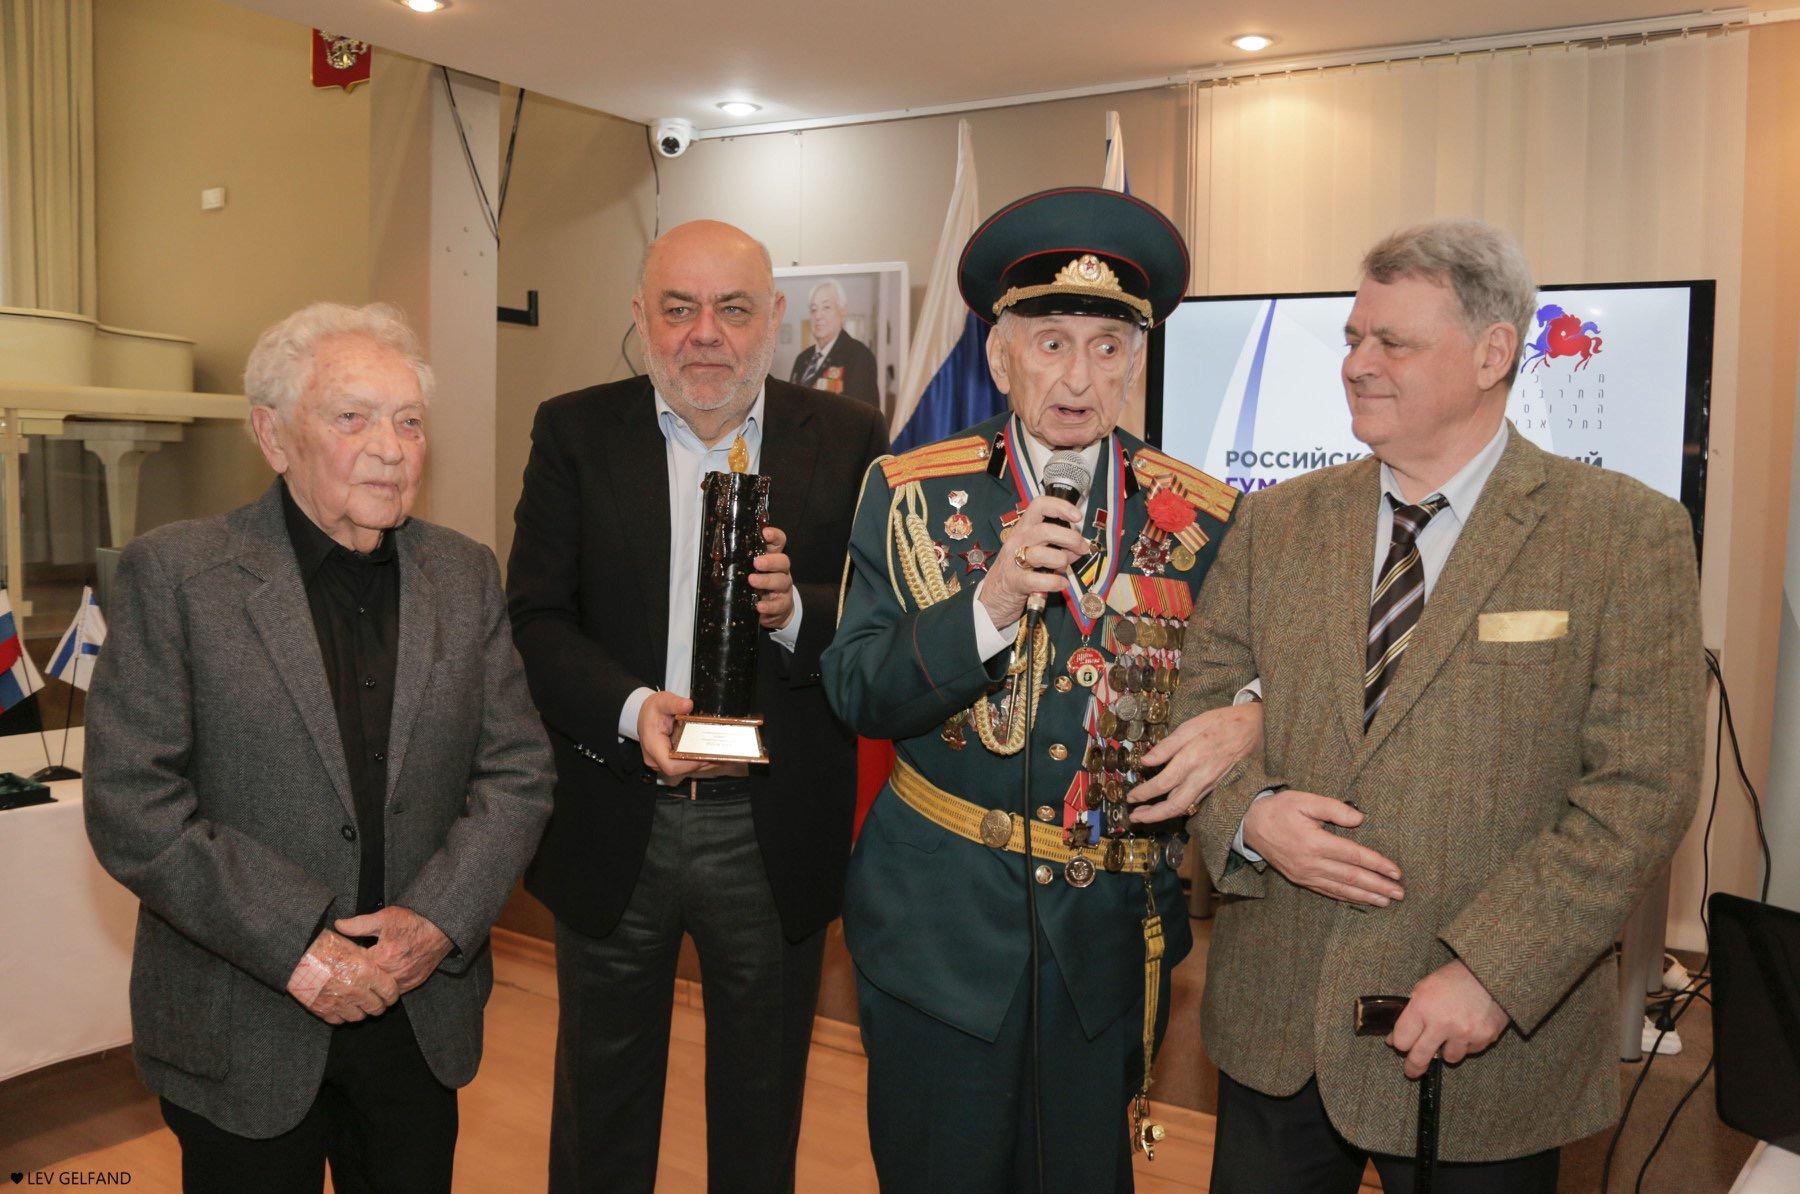 Ицхаку Араду вручена премия «Хранитель памяти»